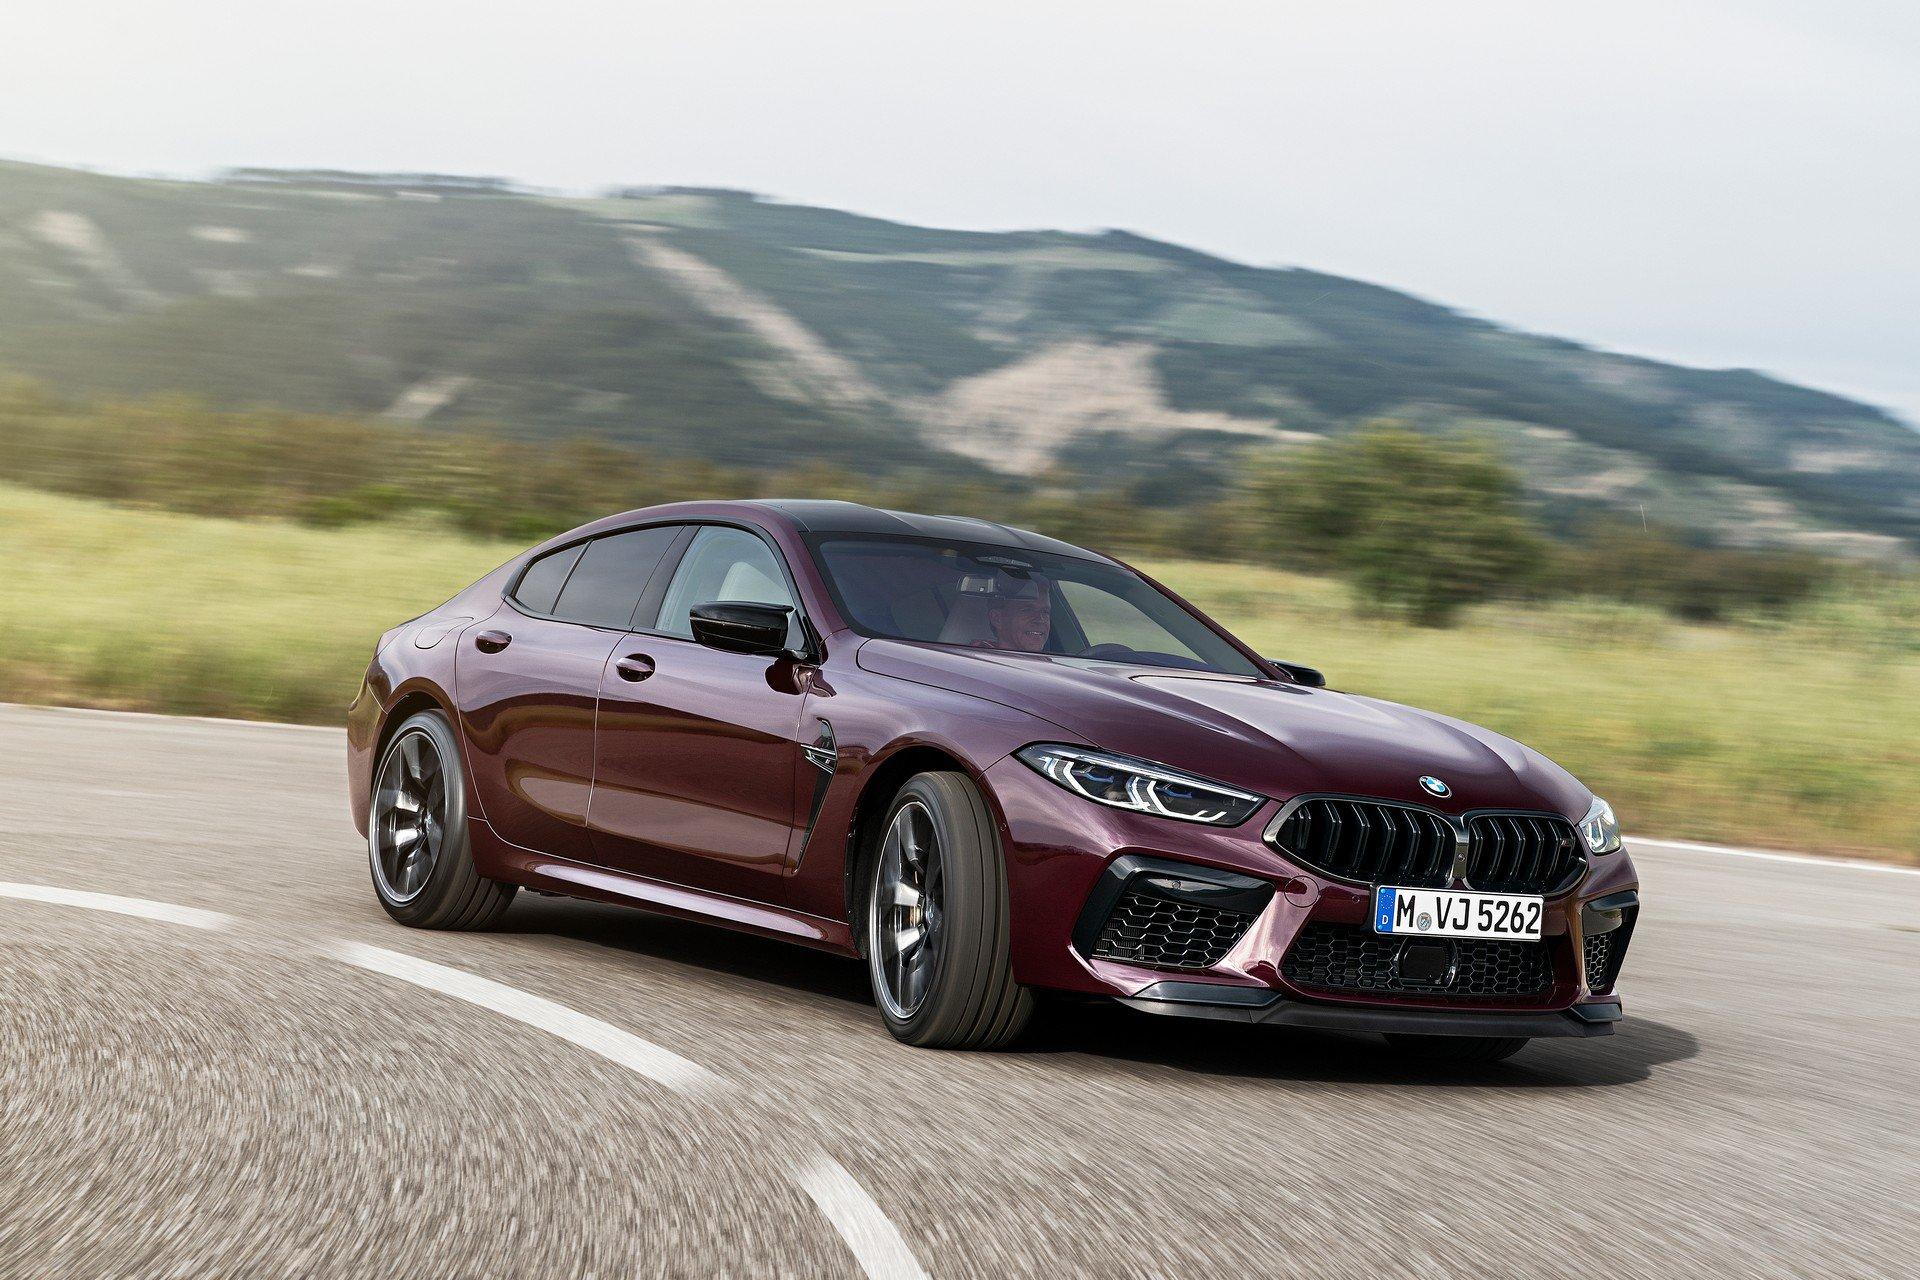 Siêu phẩm hiệu suất cao BMW M8 Gran Coupe trình làng, giá từ 130.000 USD